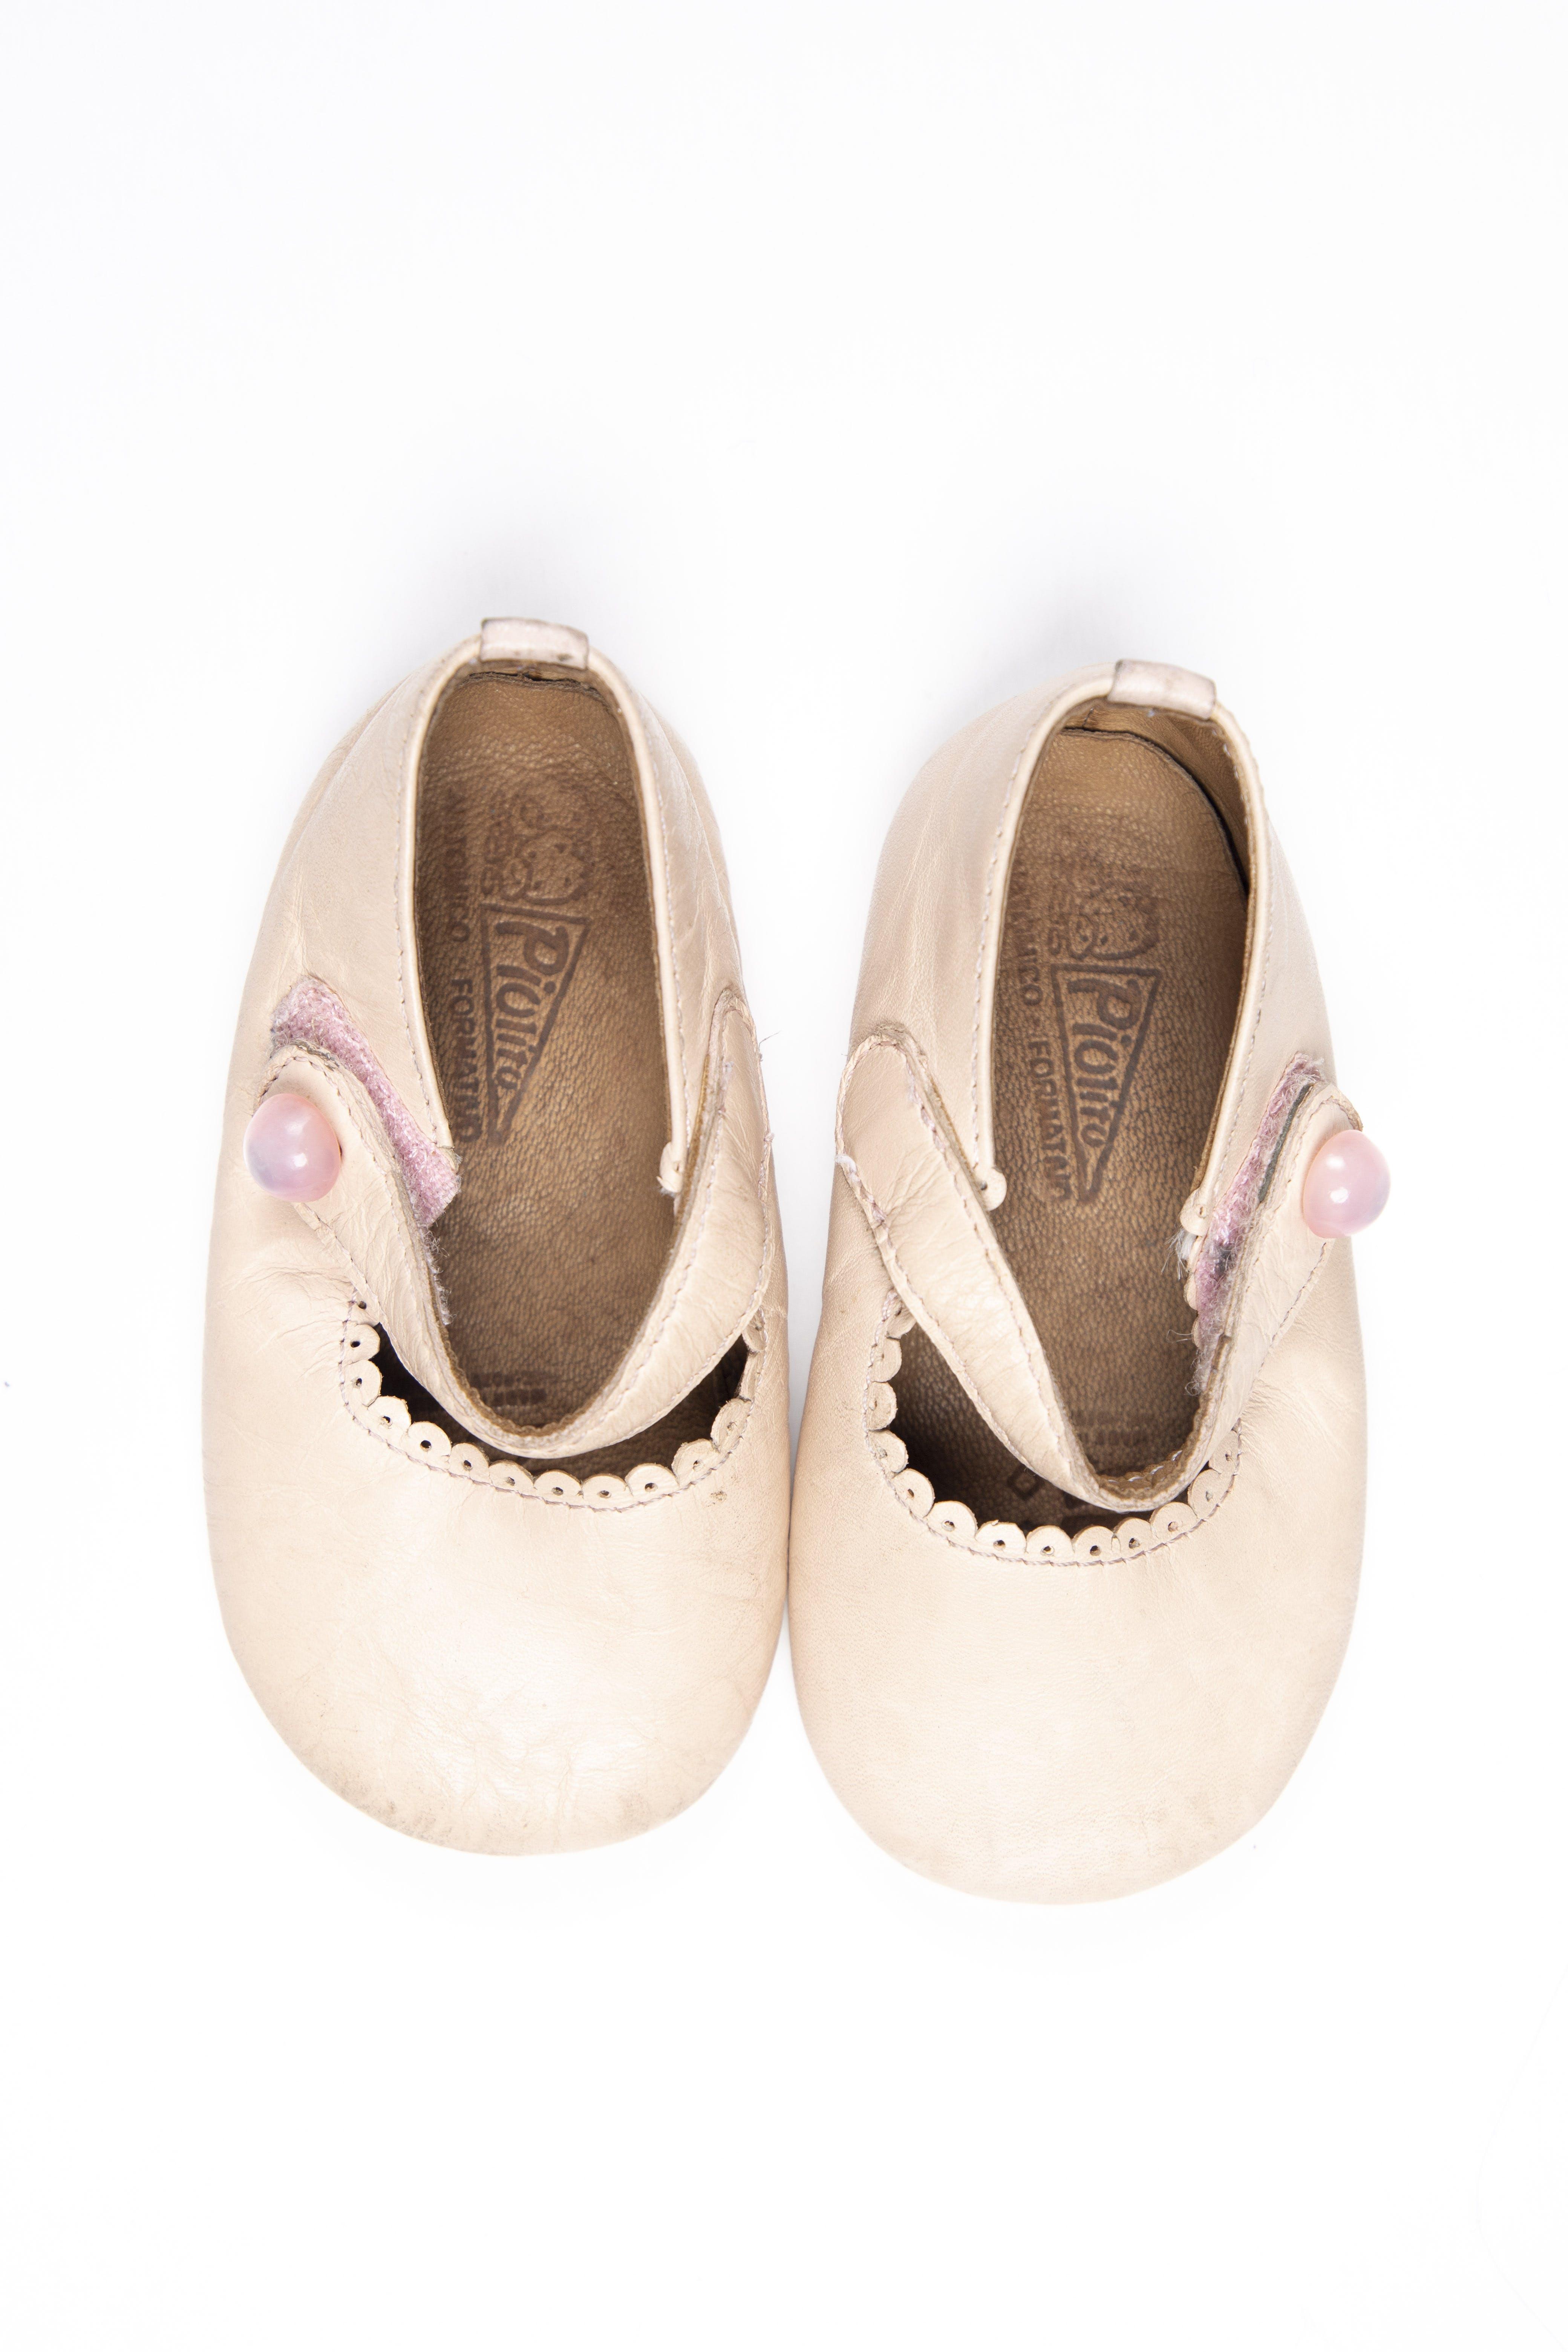 Balerinas de cuero tipo mocs. Suela flexible - Baby Piolito